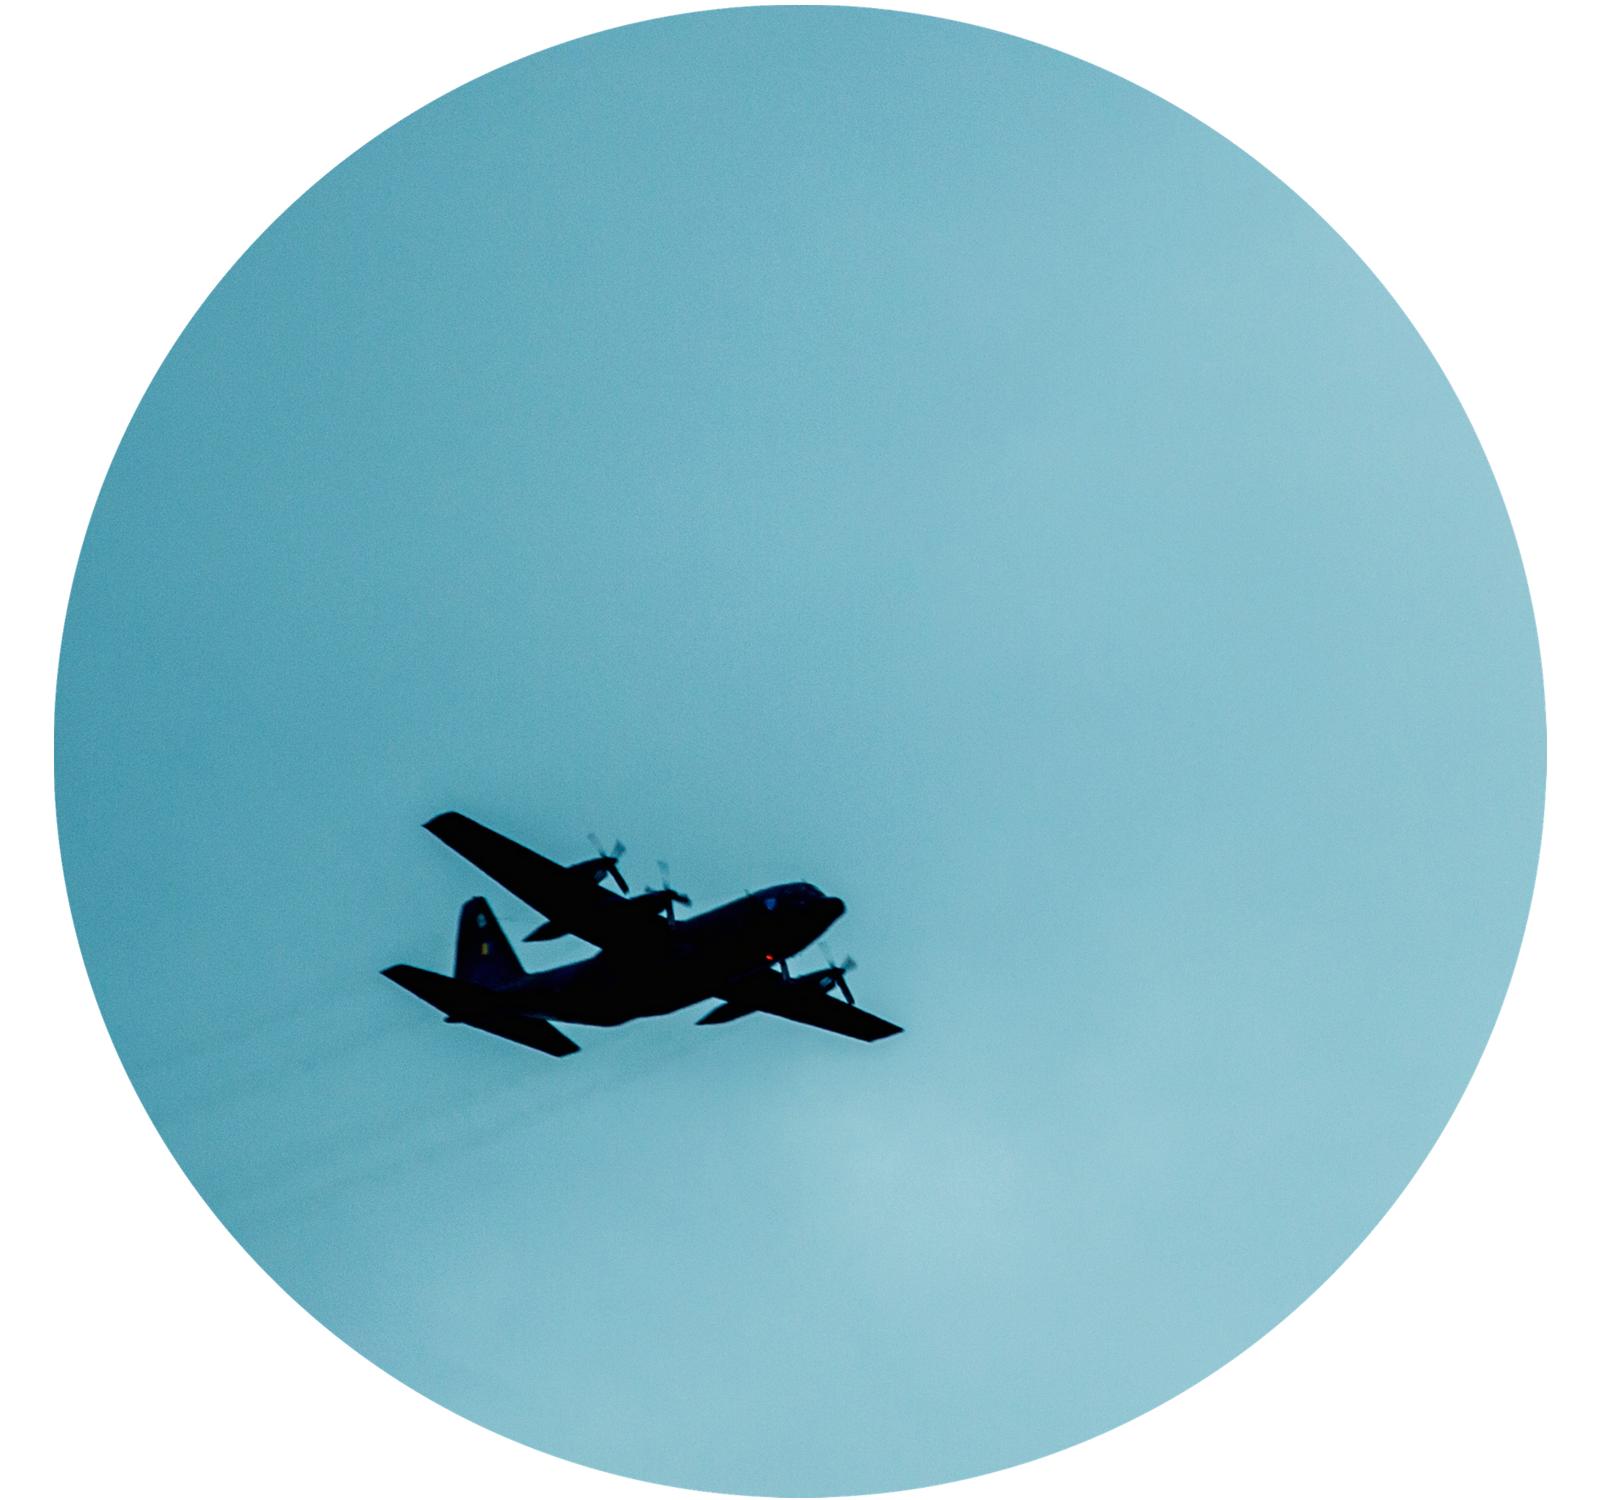 Aero circle (2).png